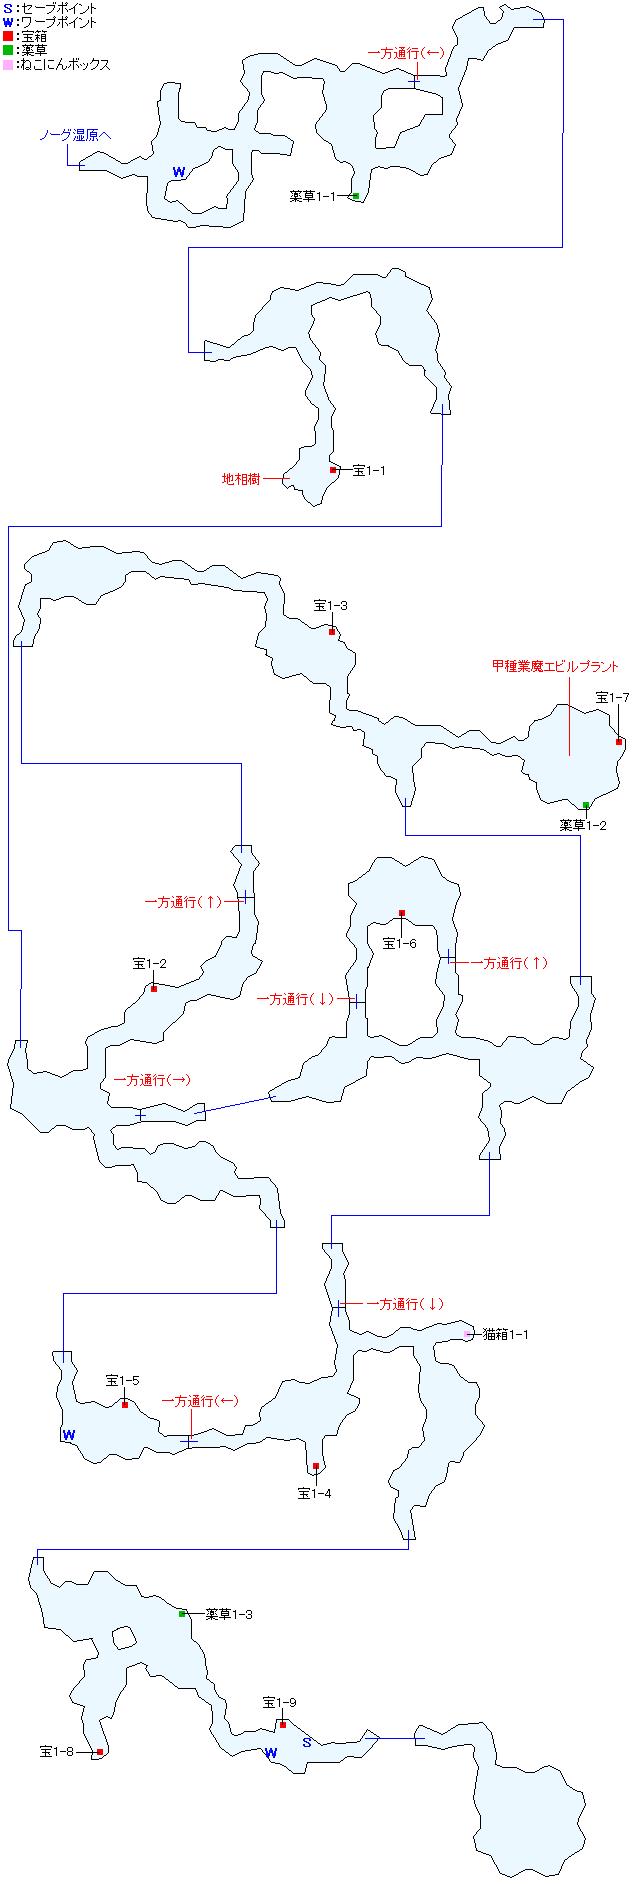 ワァーグ樹林マップ